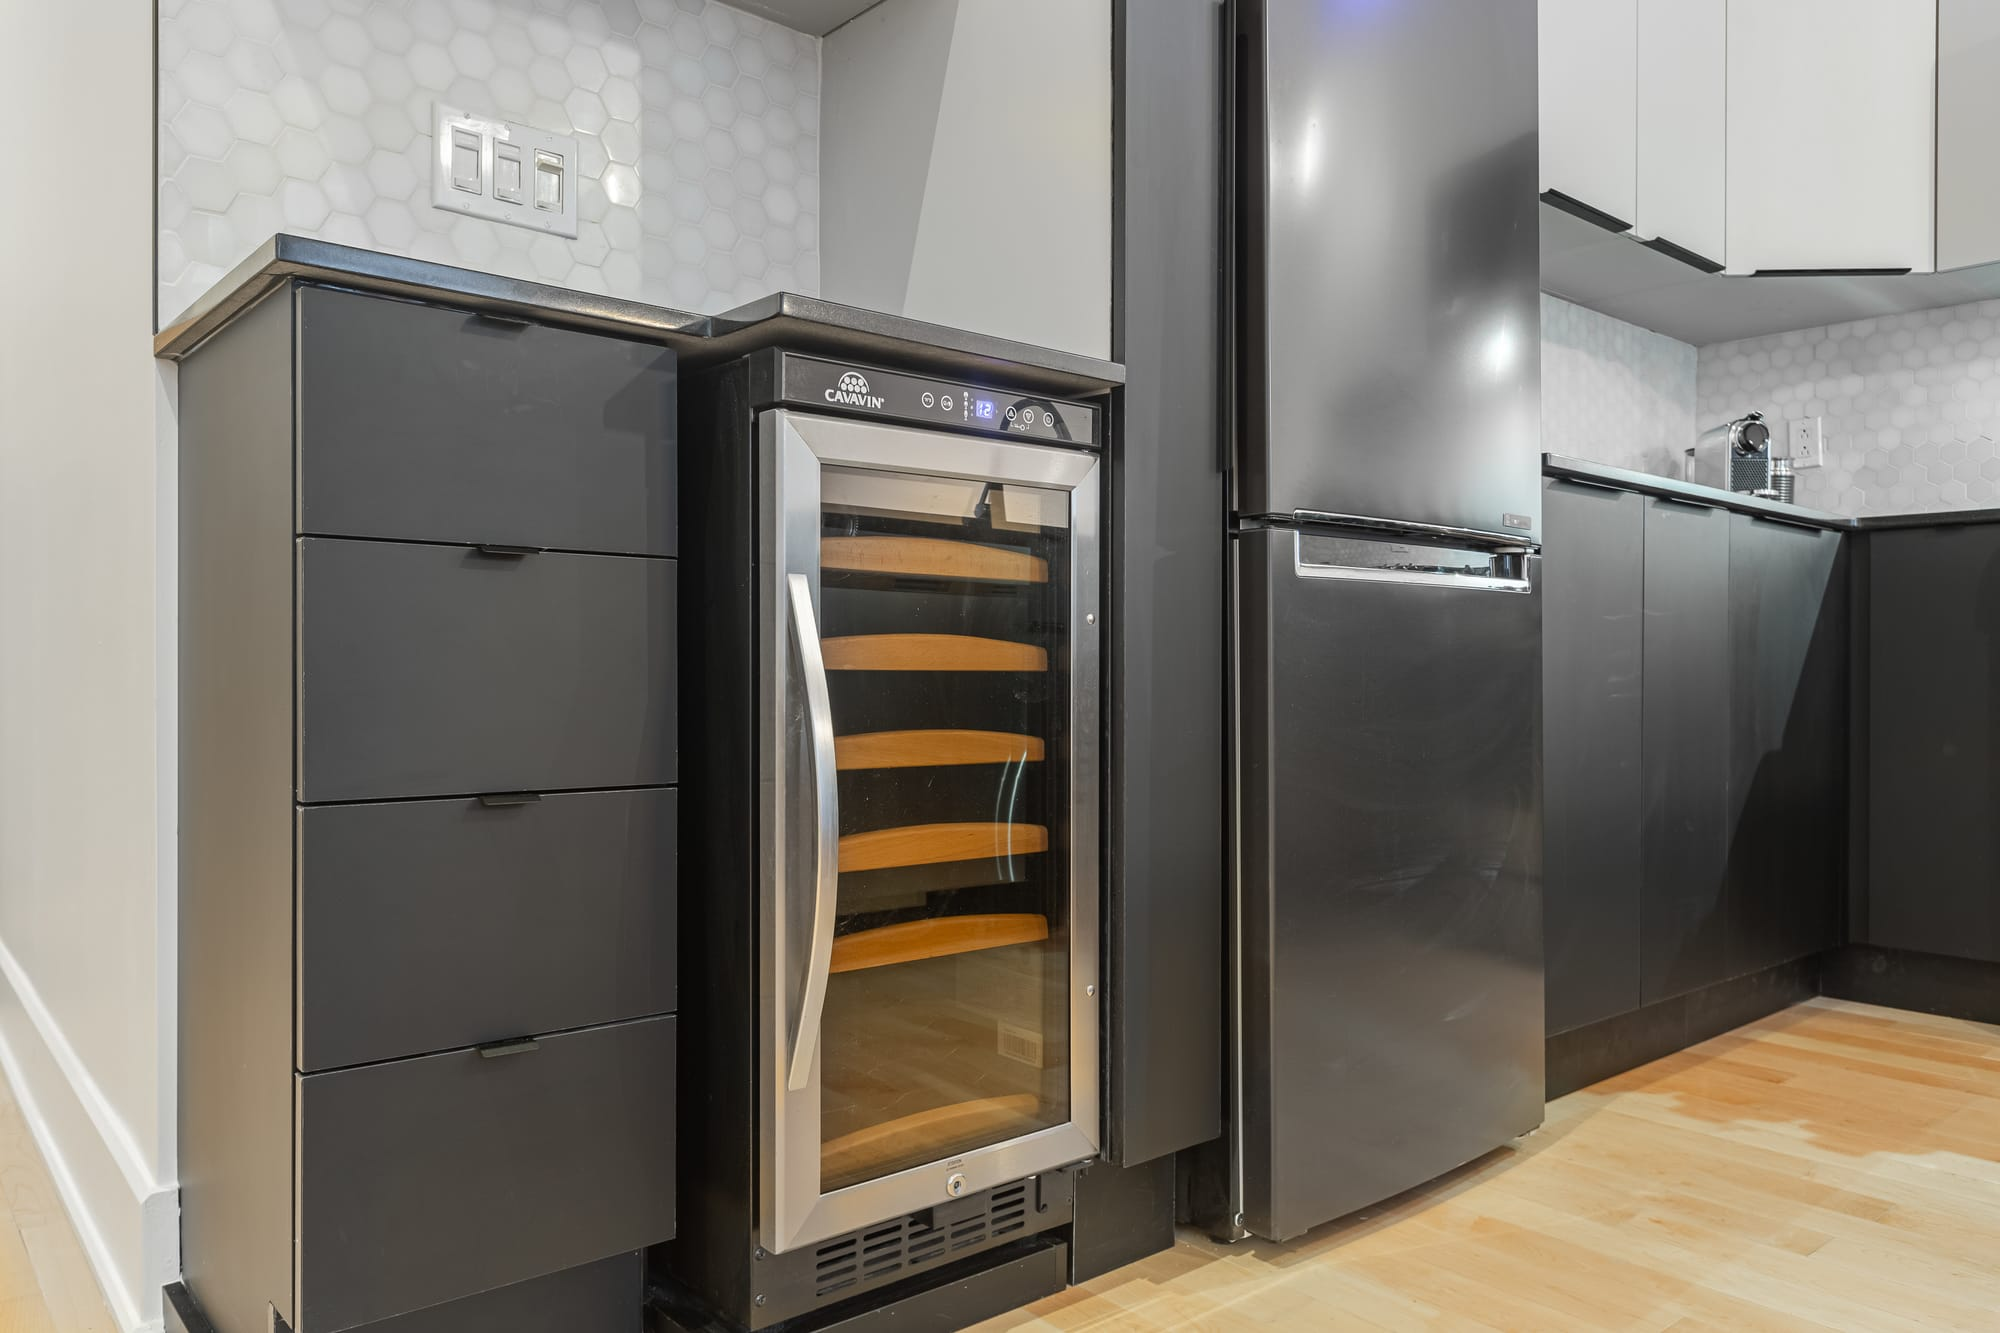 cellier avec réfrigérateur gris foncé dans une cuisine moderne deux tons rénovée